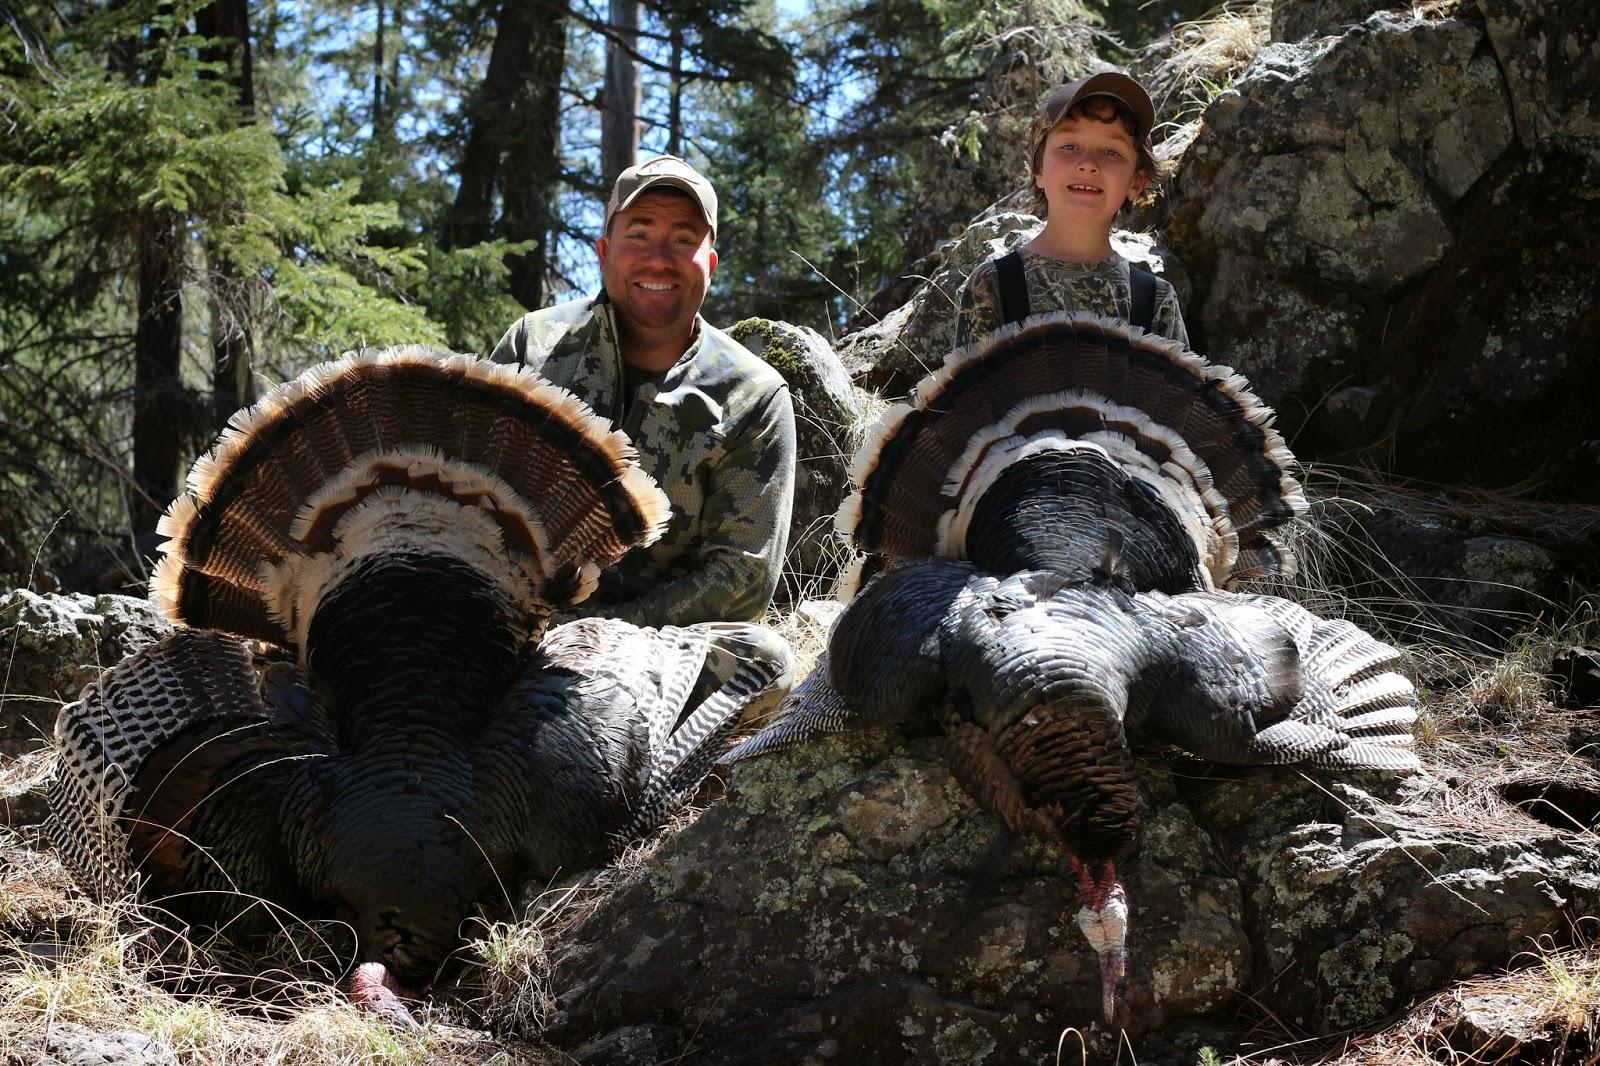 Arizona+Turkey+Hunting+with+Jay+Scott+Outdoors+14.JPG